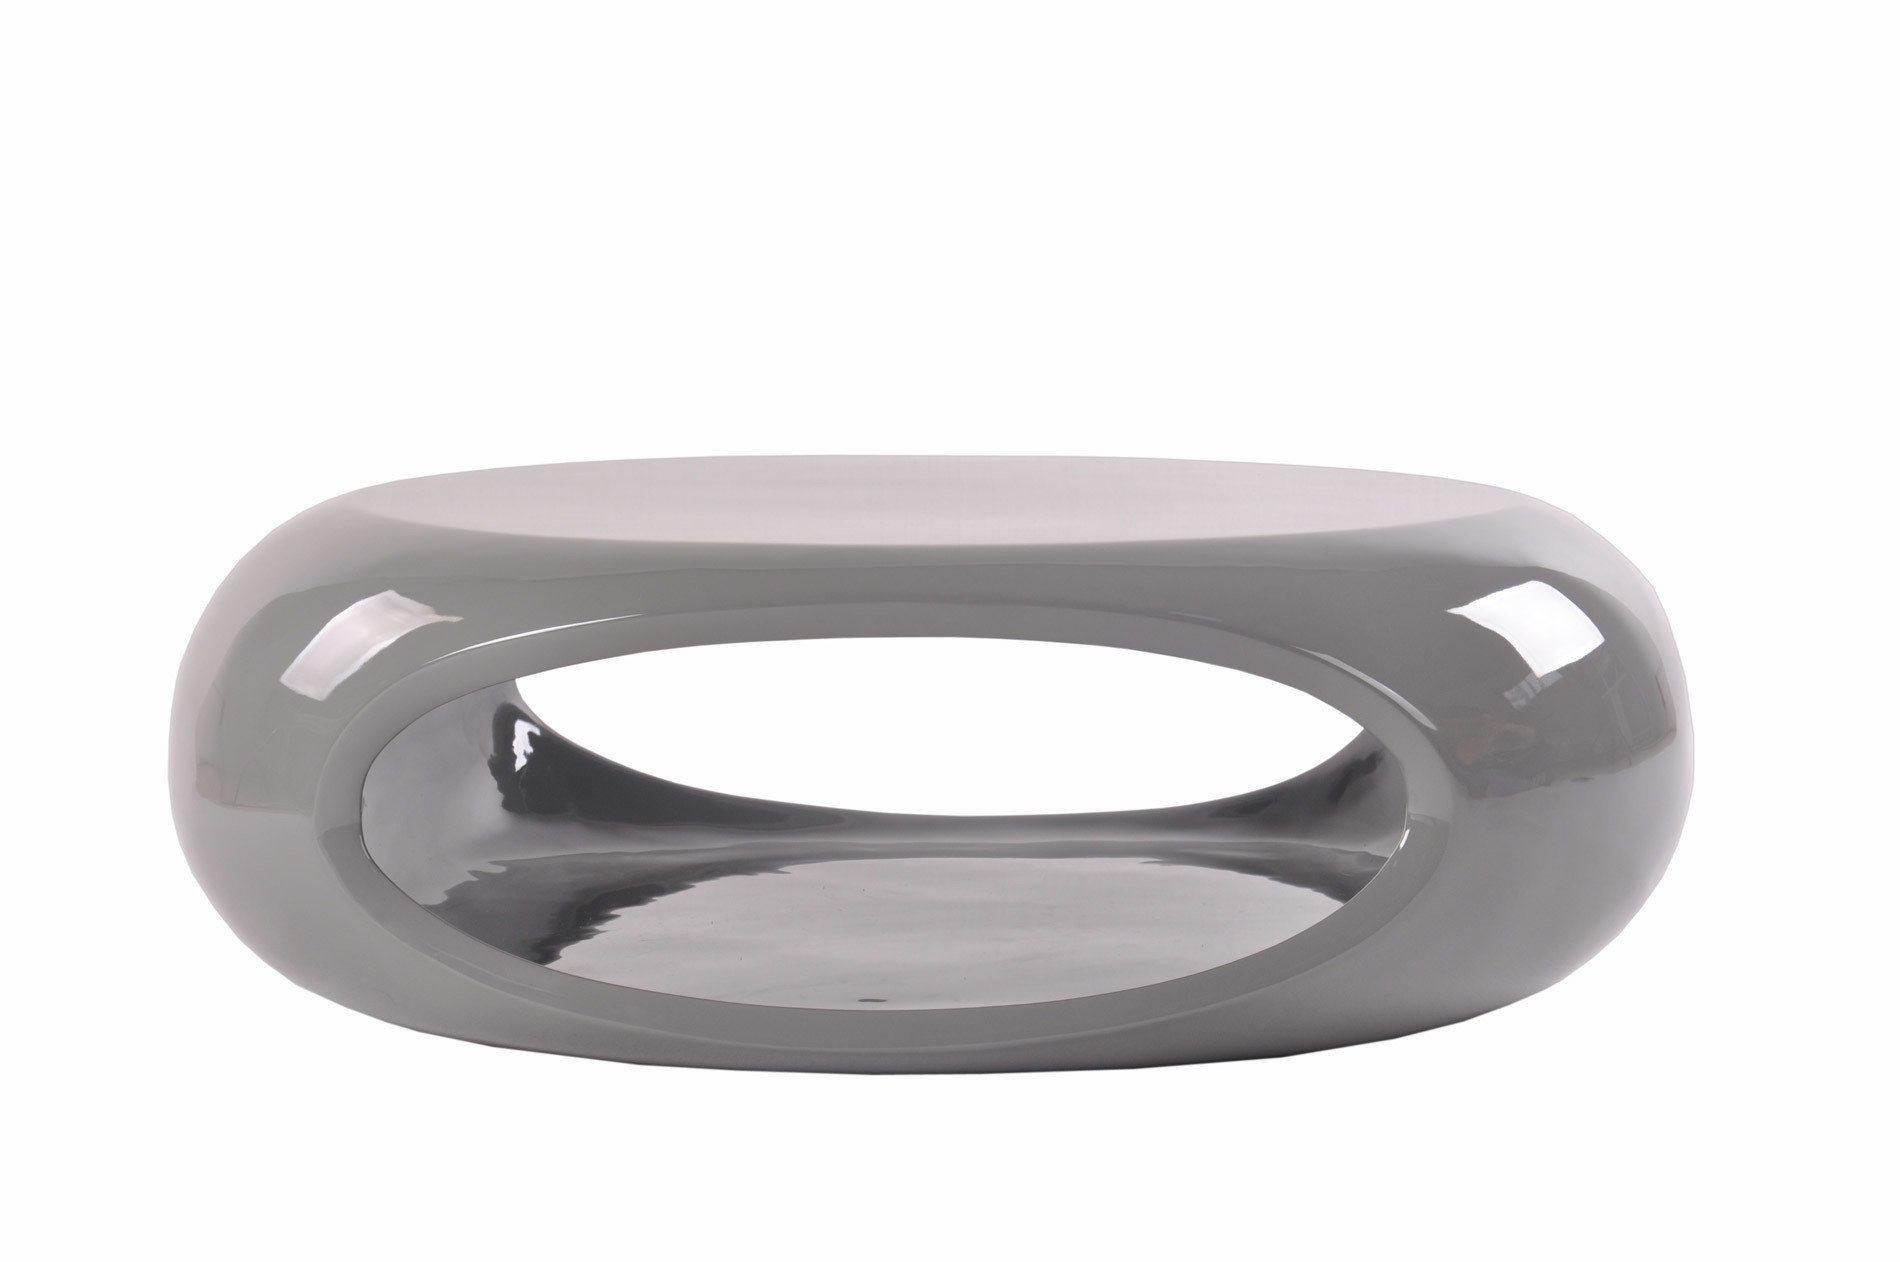 Trendiger Couchtisch oval mit Ablagefläche grau »Ufo«